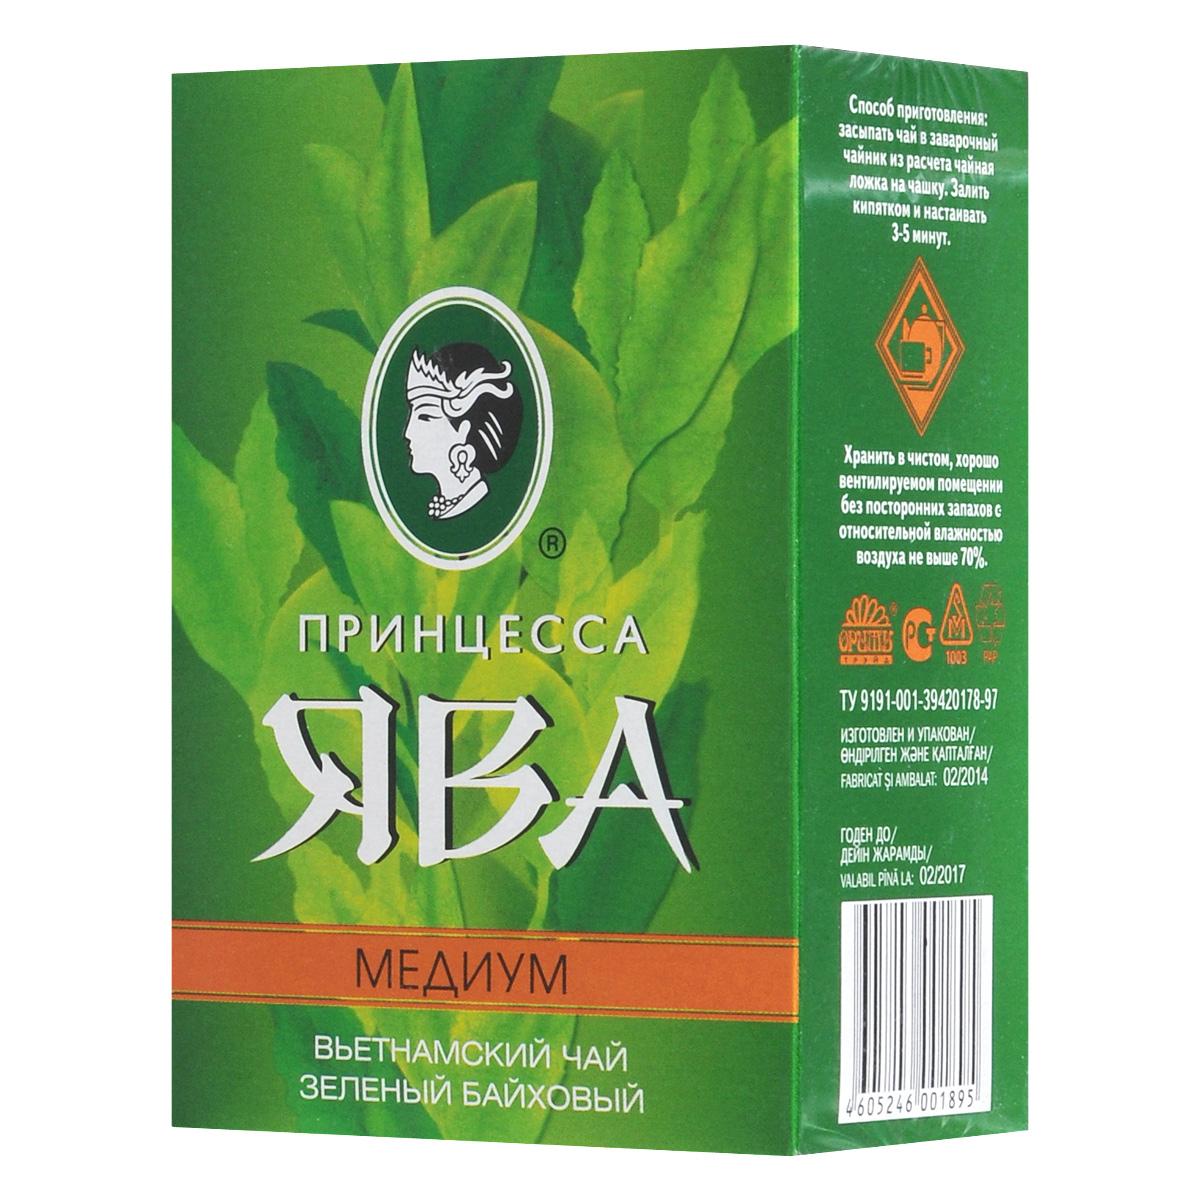 Принцесса Ява Медиум зеленый чай листовой, 100 г0919-09Северо-вьетнамский крупнолистовой зеленый чай Принцесса Ява Медиум высушивается вбамбуковых корзинах над огнем. Эта особенность обработки придает чайному настою своеобразный вкус и аромат.